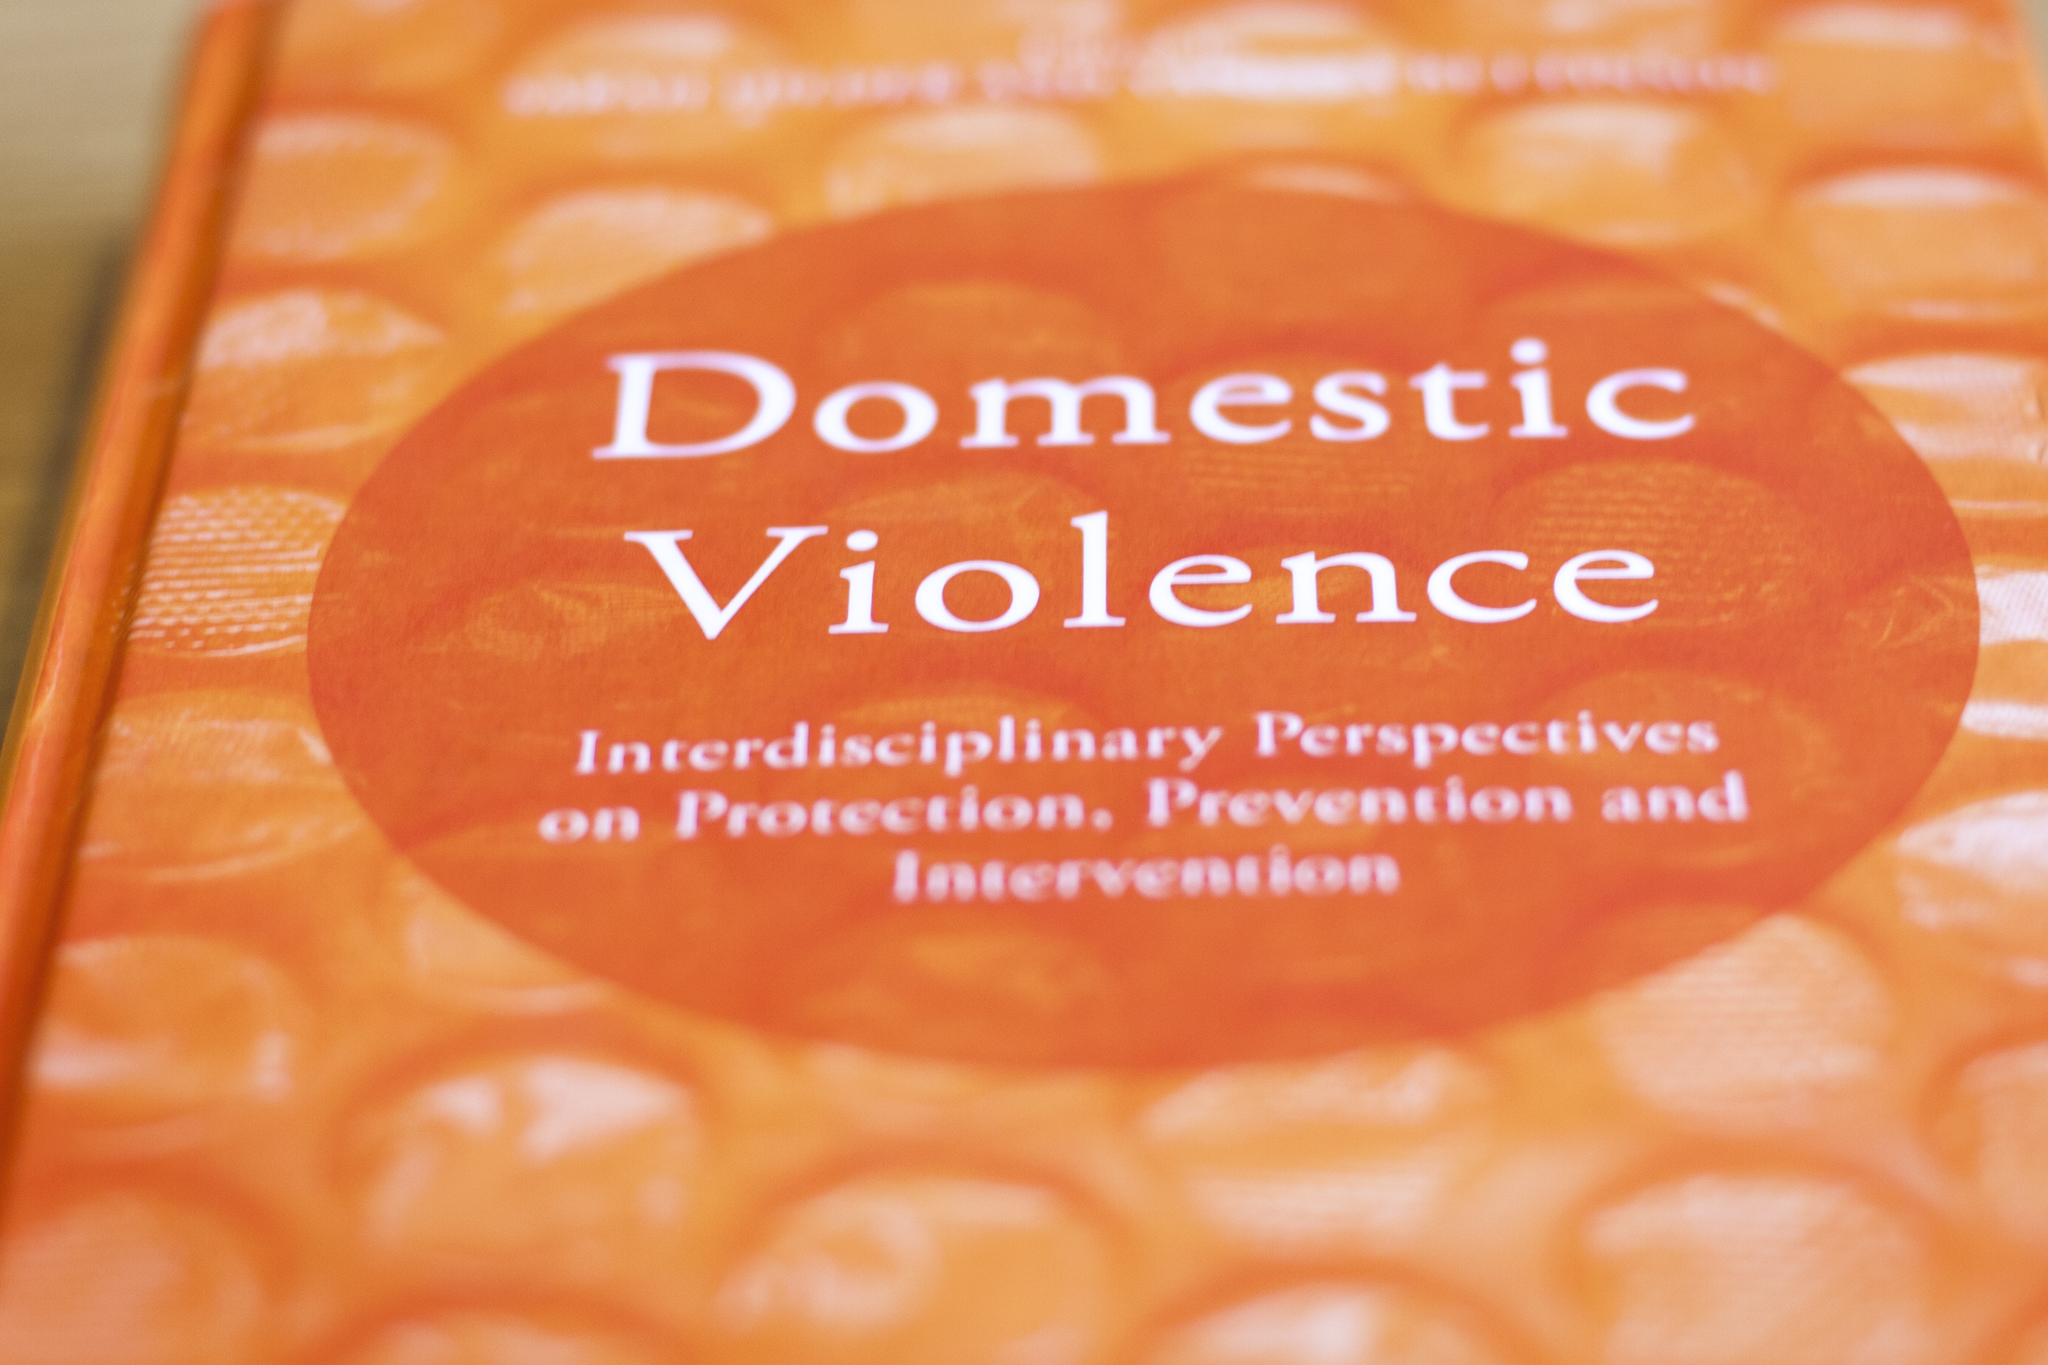 Book_Domestic_Violence_1